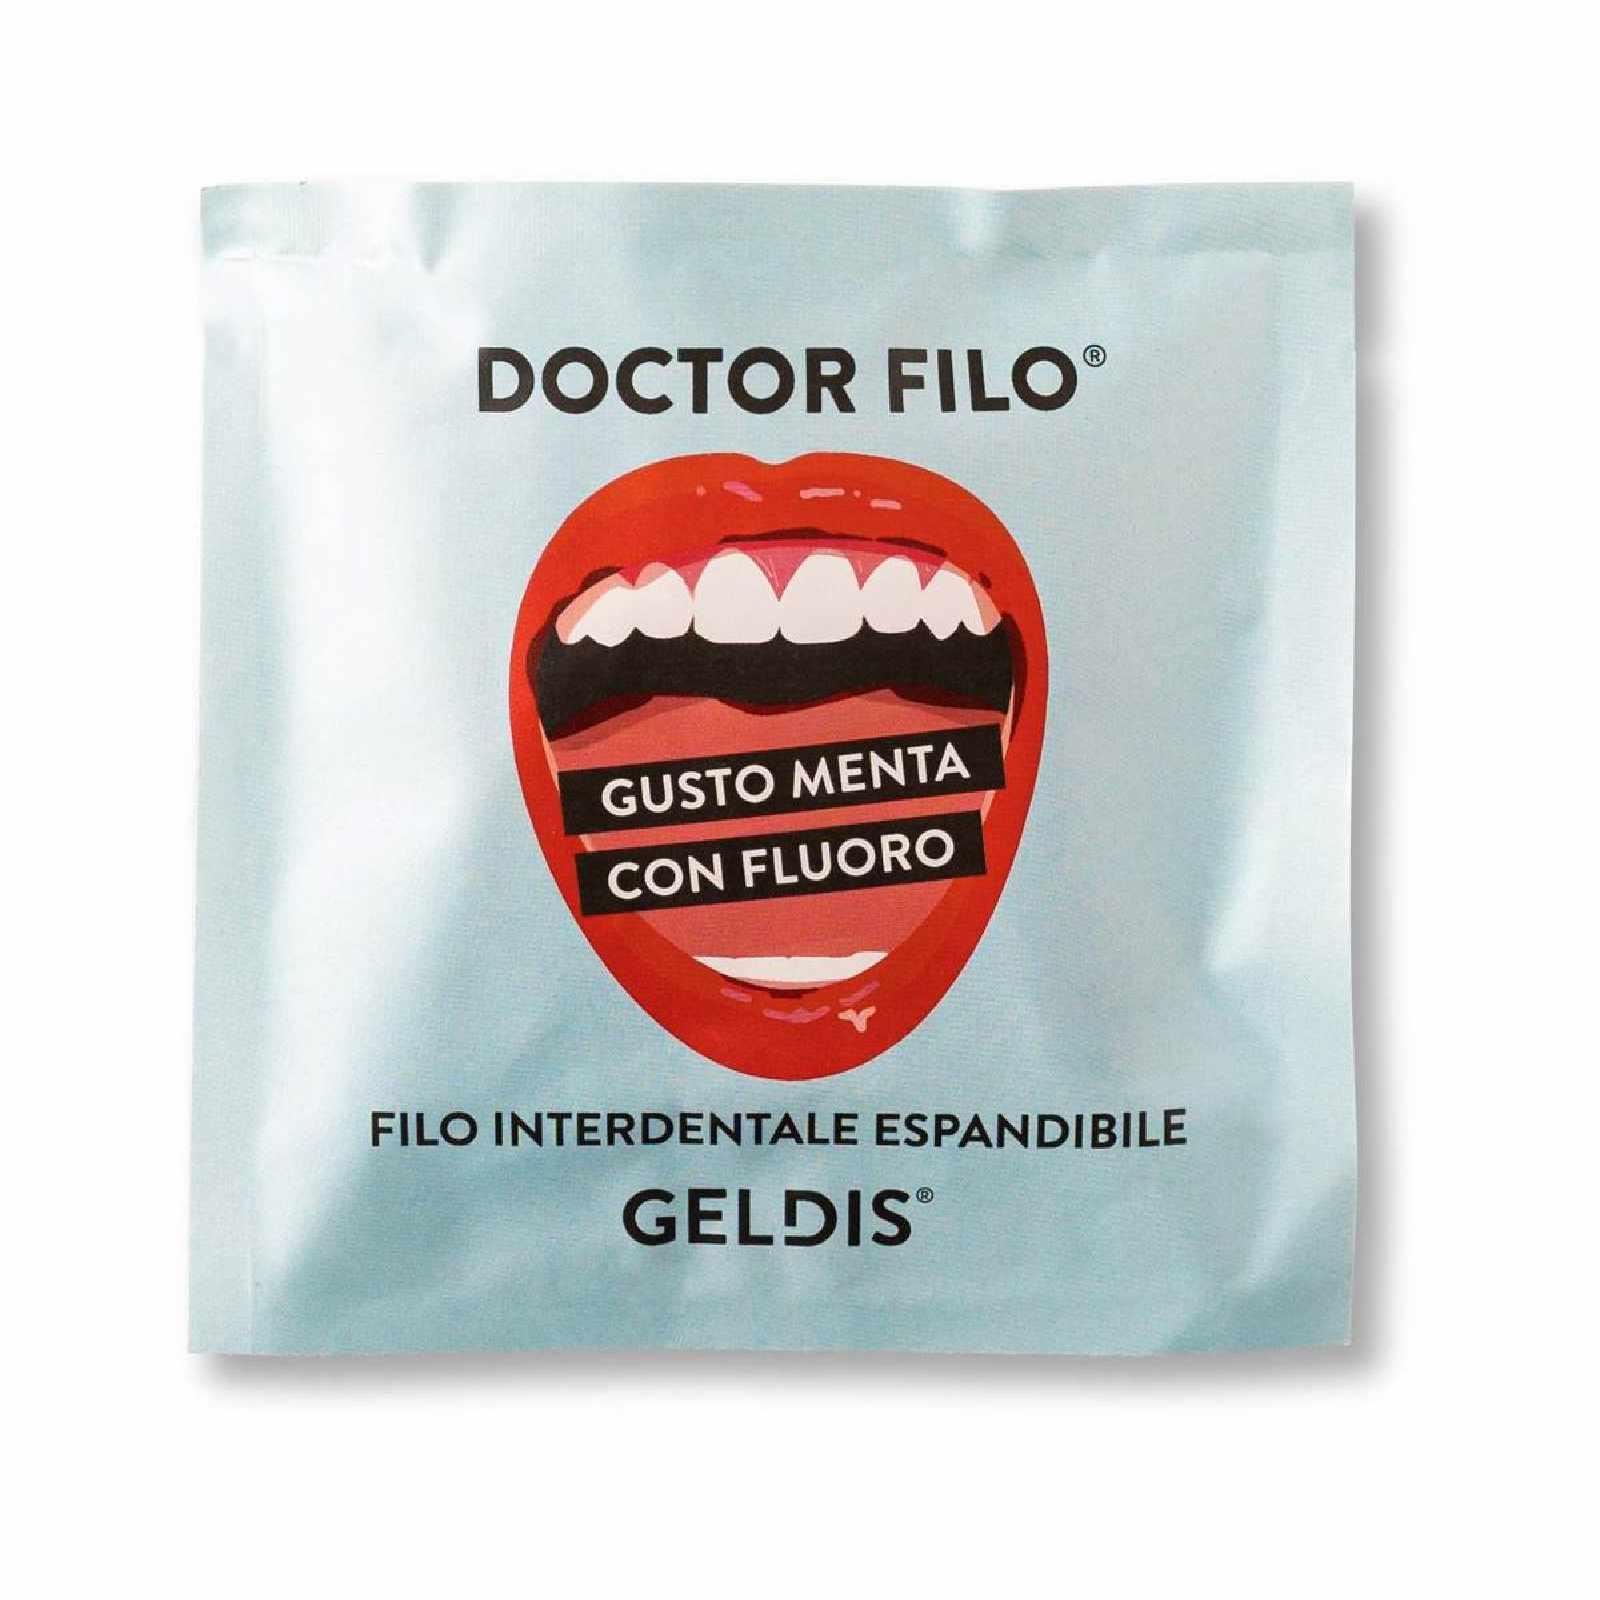 floss mint fluoride wellness